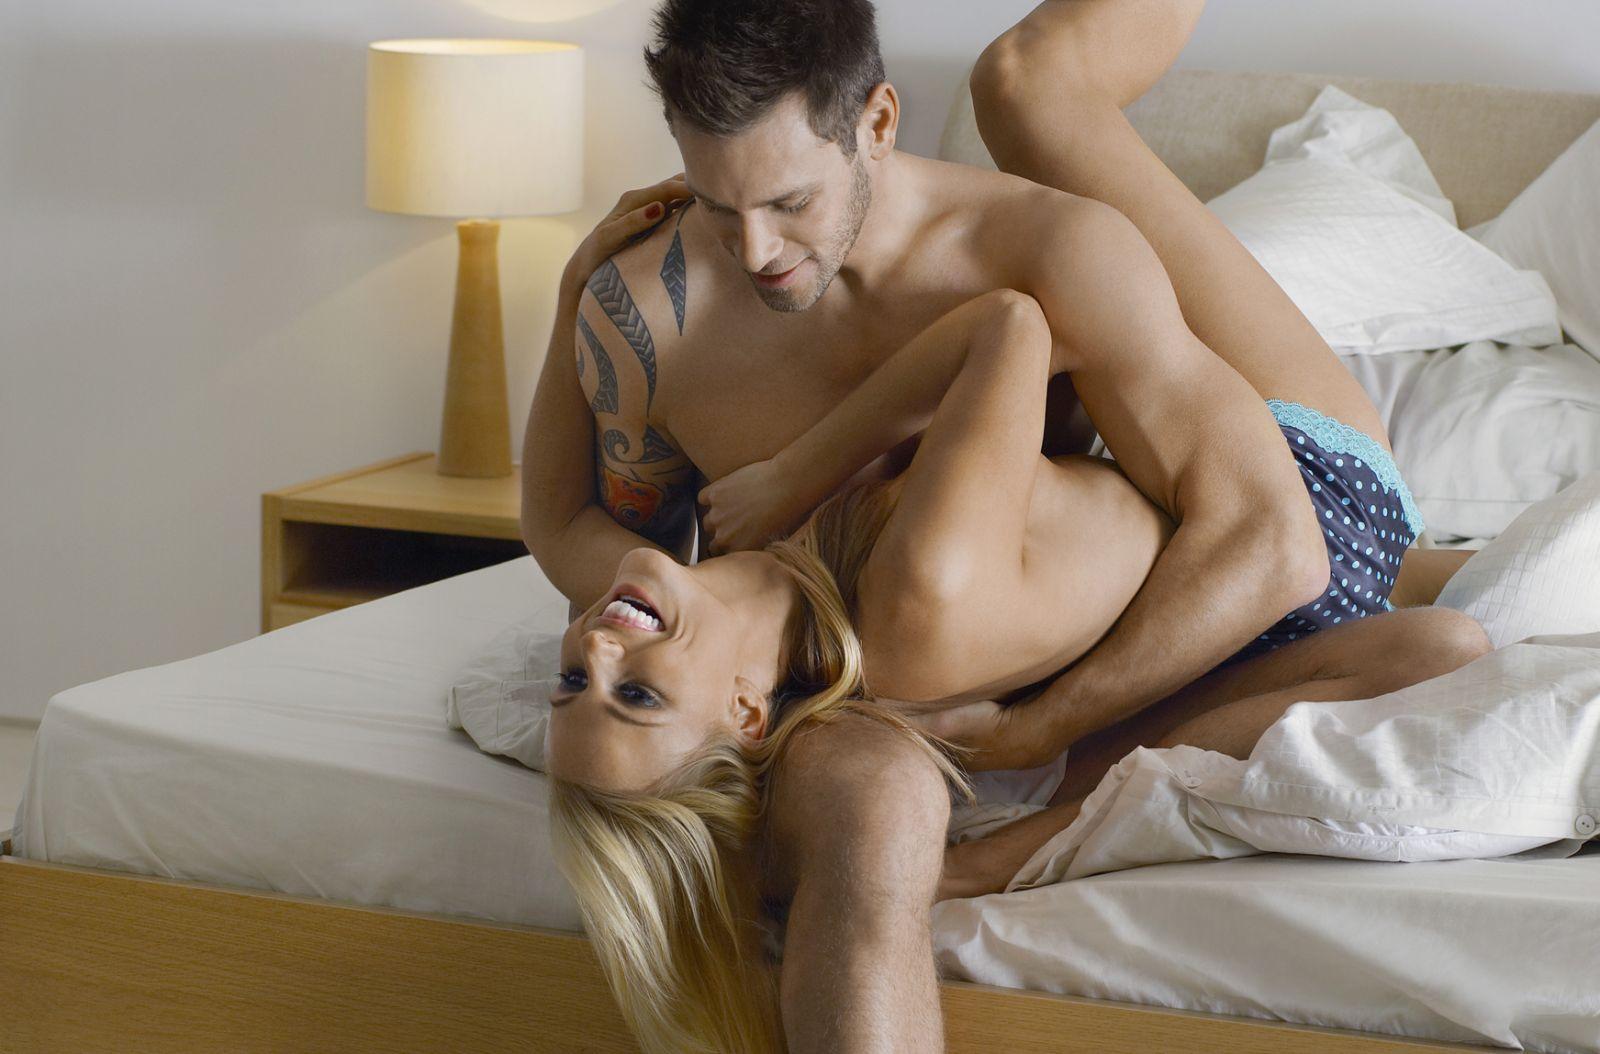 На что мужчины обращают внимание в женщинах - фото №1